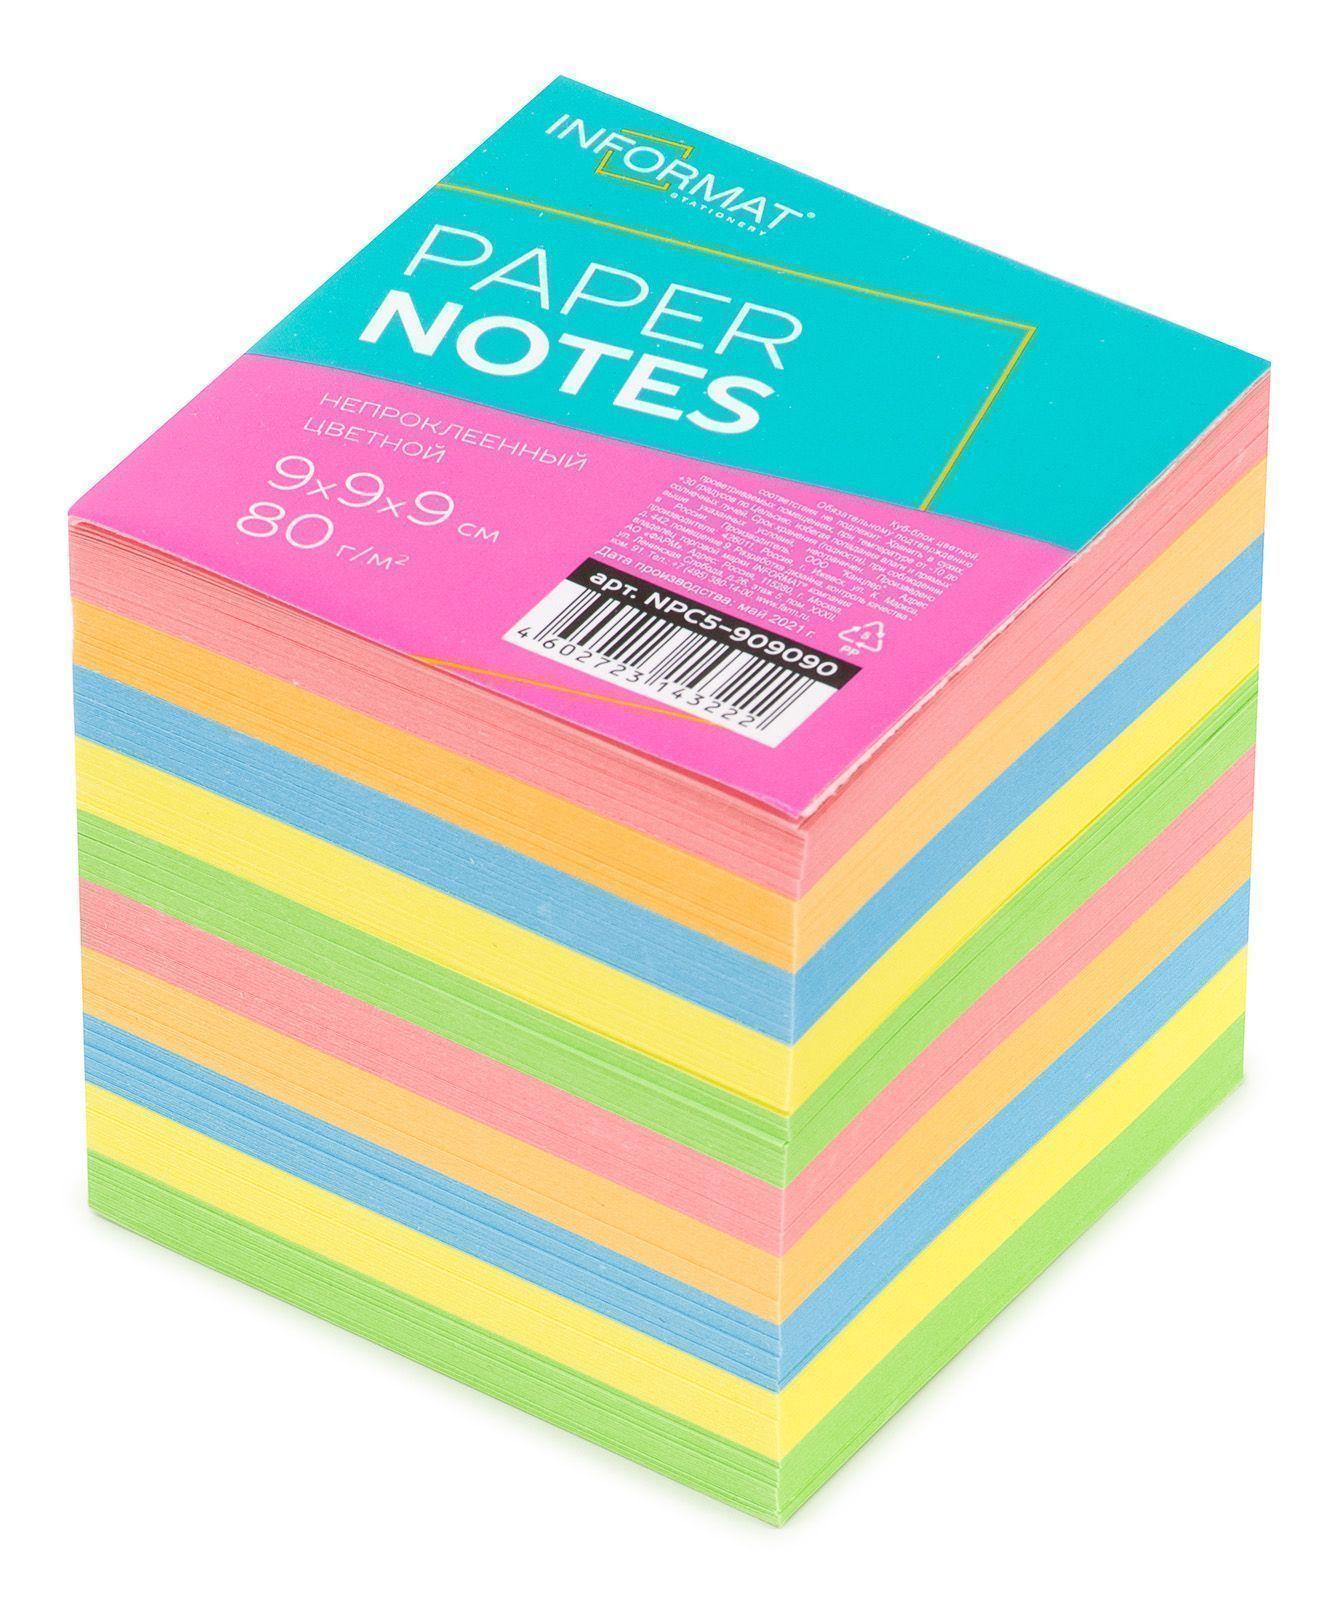 Блок для записи NFORMAT 9х9х9 см Куб не проклееный пастель 5 цветов 80 г/м2